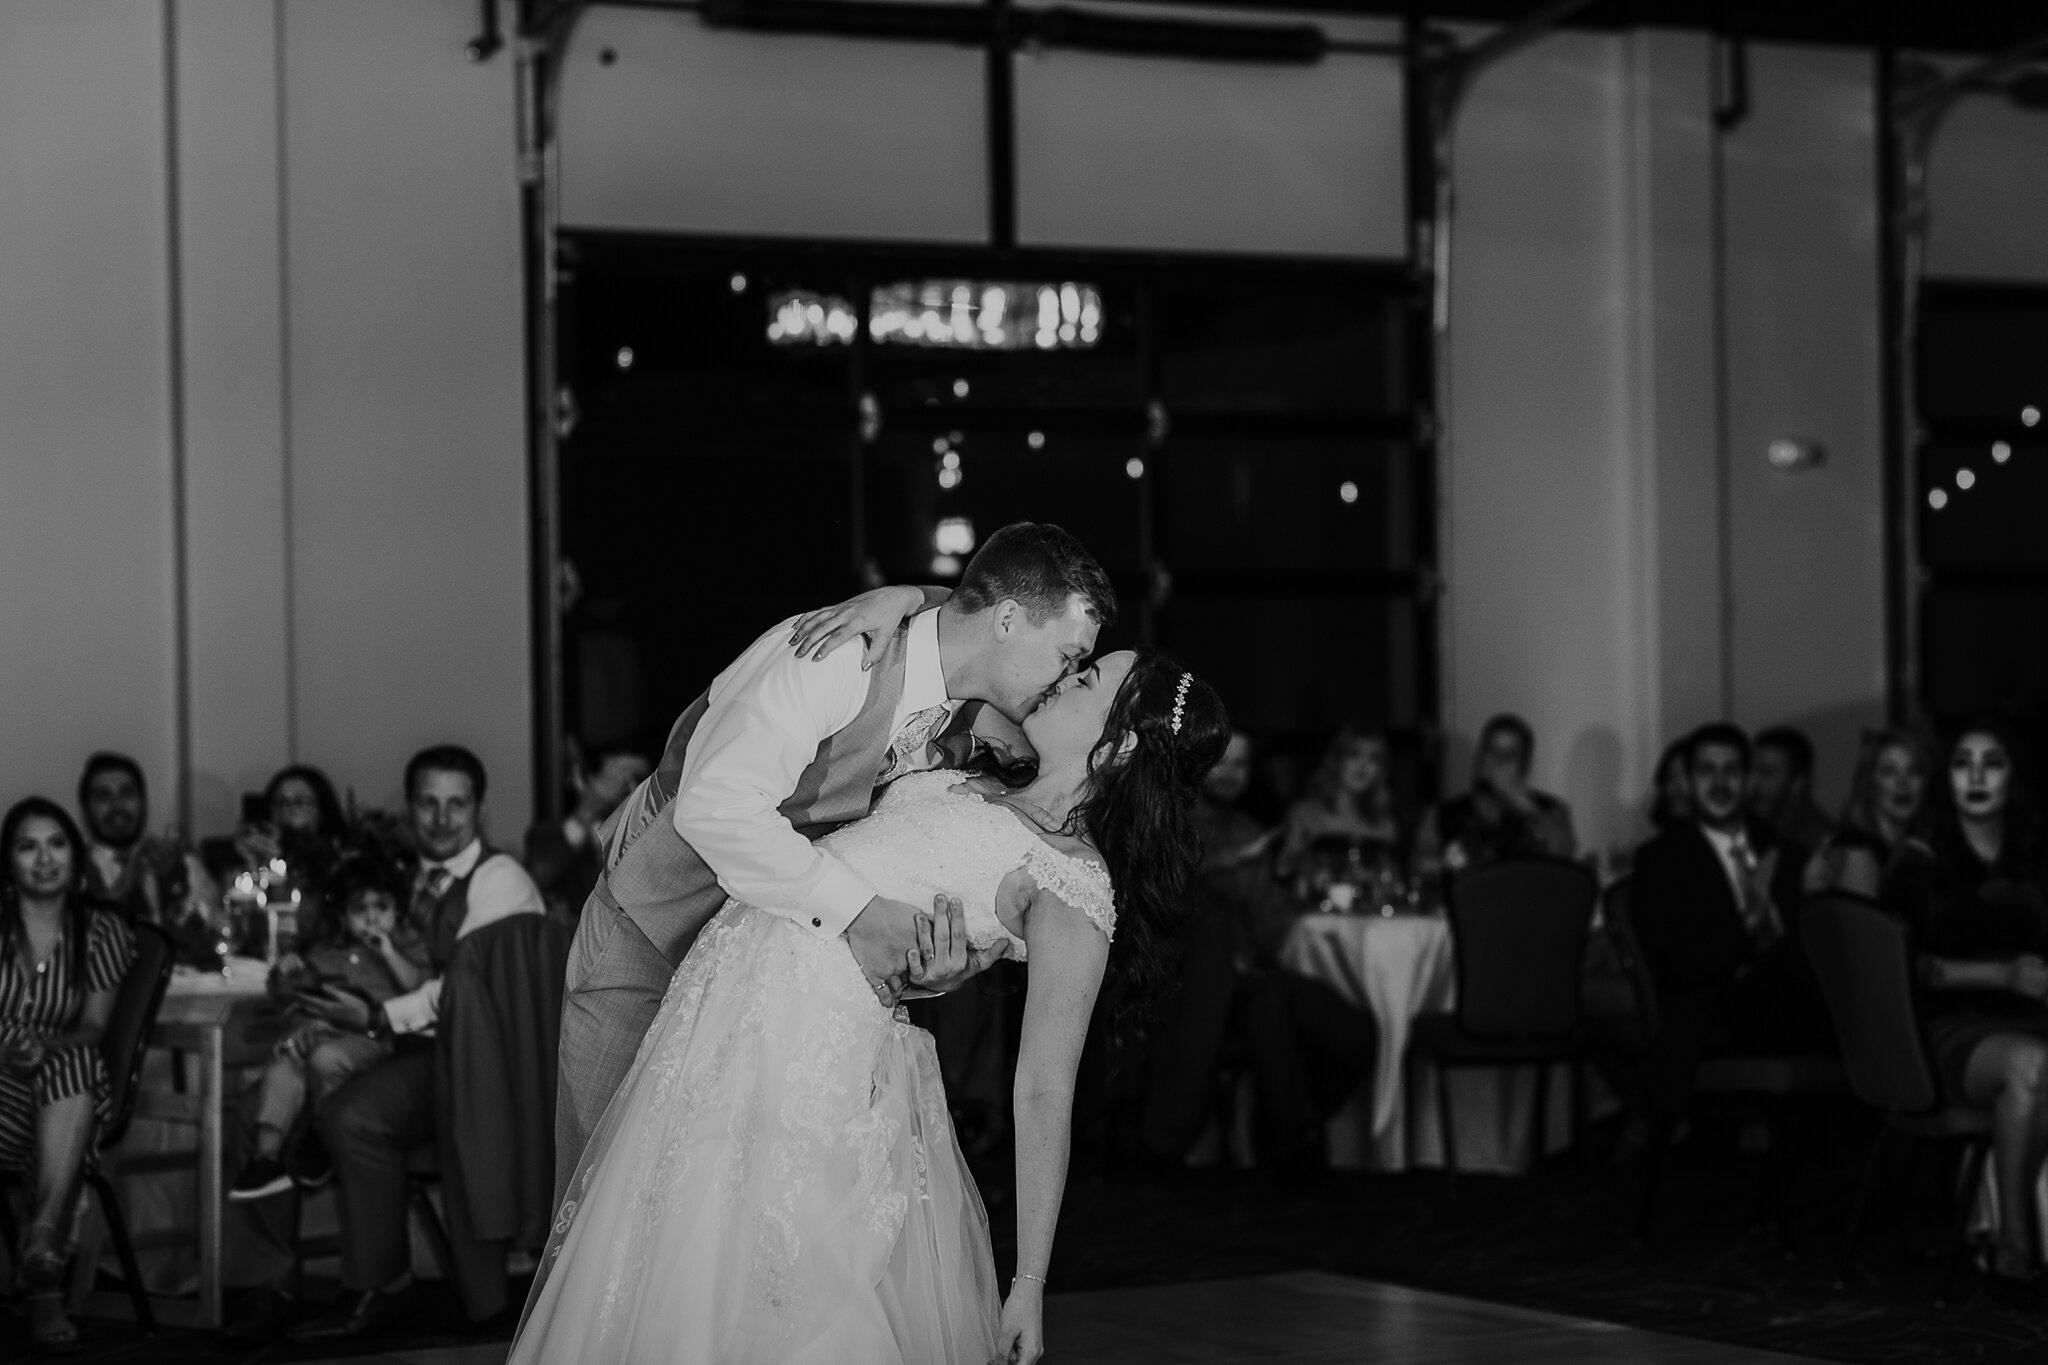 Alicia+lucia+photography+-+albuquerque+wedding+photographer+-+santa+fe+wedding+photography+-+new+mexico+wedding+photographer+-+new+mexico+wedding+-+hyatt+tamaya+wedding+-+washington+bride+-+fall+wedding+-+albuquerque+wedding_0117.jpg